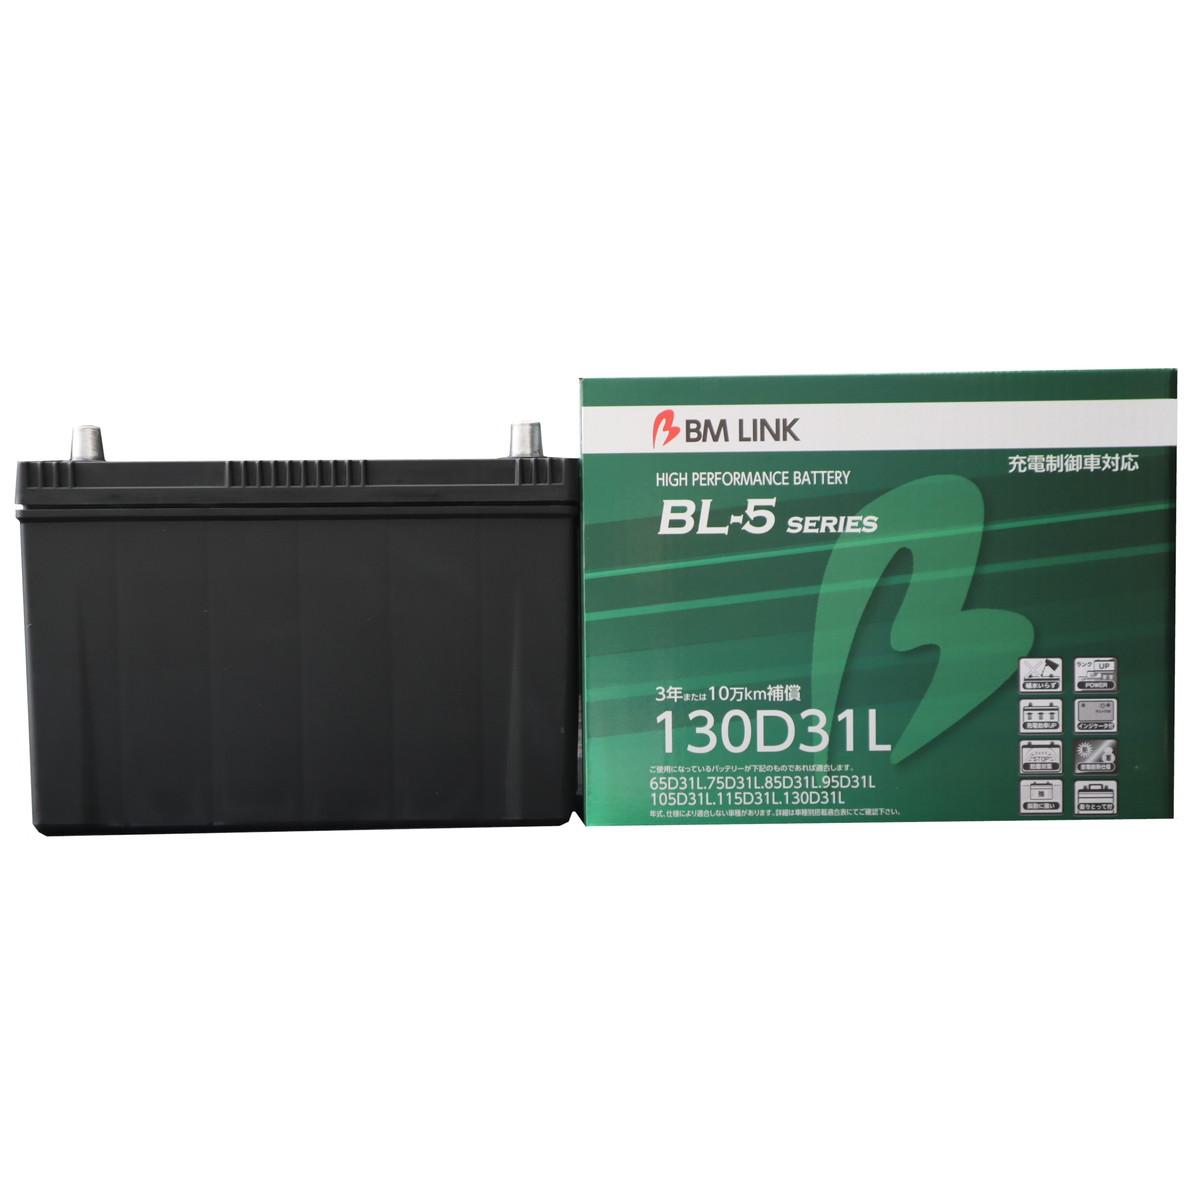 BM LINK BL-5 Series 130D31L 自動車用充電制御車対応バッテリー BL-5シリーズ